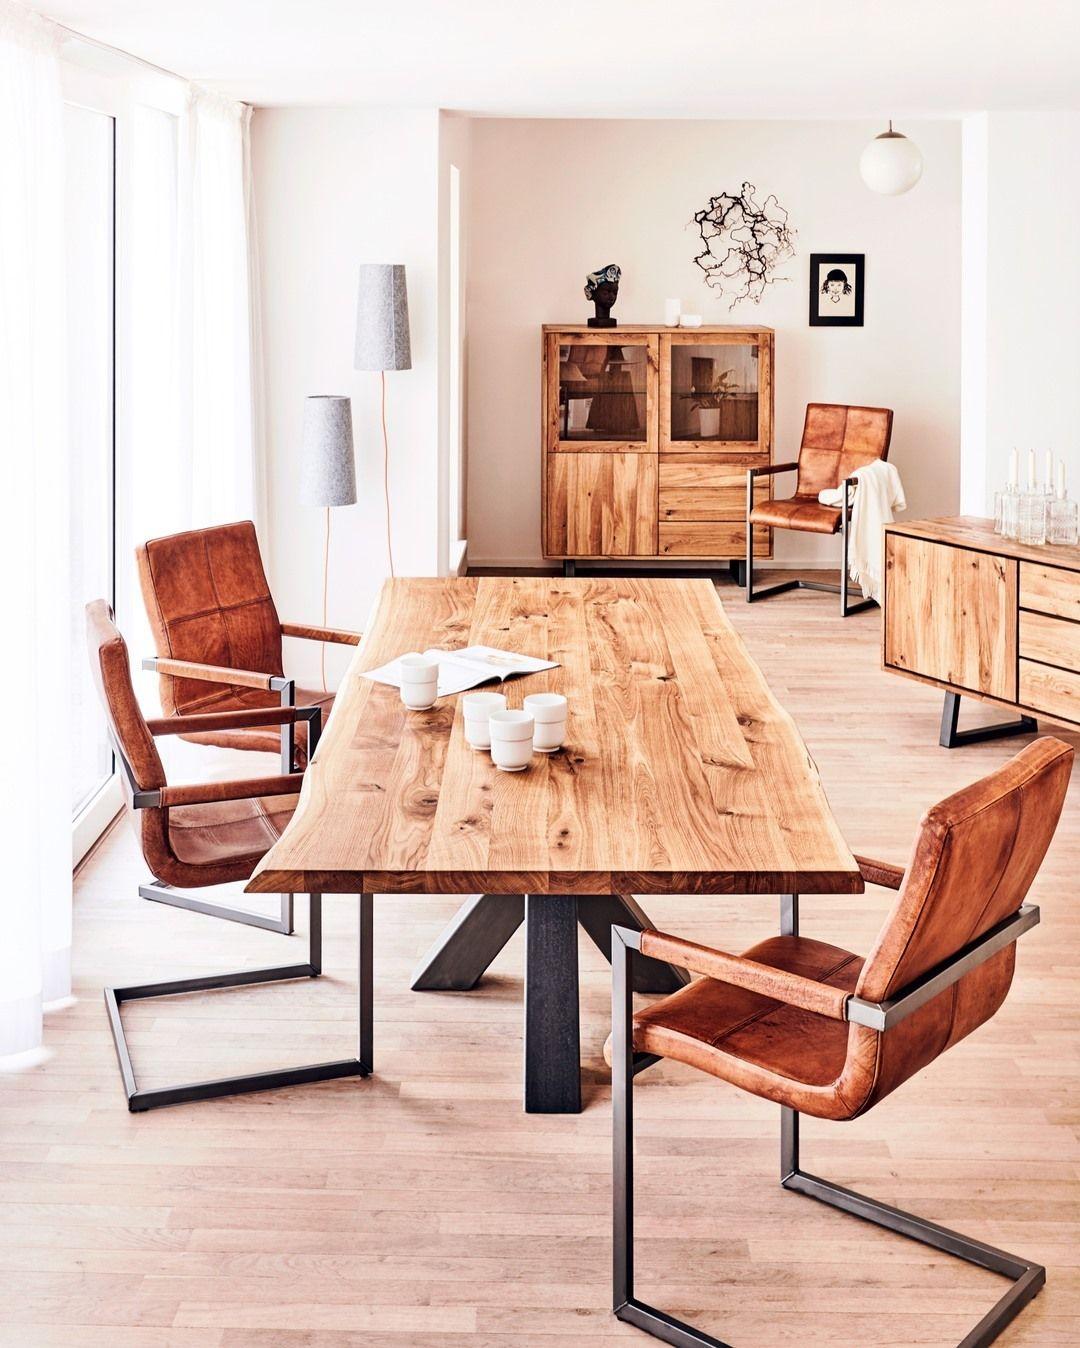 Et godt spisebord er et spisebord hvor der er plads til alle⠀⠀⠀⠀⠀⠀⠀⠀⠀ ⠀⠀⠀⠀⠀⠀⠀⠀⠀ Lige nu får du en Firefly lampe til en værdi af 1499 DKK med på købet når du bestiller et Thor spisebord!⠀⠀⠀⠀⠀⠀⠀⠀⠀ ⠀⠀⠀⠀⠀⠀⠀⠀⠀ Find det på FASMAS.DK⠀⠀⠀⠀⠀⠀⠀⠀⠀ #fasmas #fasmaslifestyle ⠀⠀⠀⠀⠀⠀⠀⠀⠀ ⠀⠀⠀⠀⠀⠀⠀⠀⠀ // ⠀⠀⠀⠀⠀⠀⠀⠀⠀ ⠀⠀⠀⠀⠀⠀⠀⠀⠀ A good dining table is a dining table where there's space for everyone.⠀⠀⠀⠀⠀⠀⠀⠀⠀ ⠀⠀⠀⠀⠀⠀⠀⠀⠀ Find it on FASMAS.DK ⠀⠀⠀⠀⠀⠀⠀⠀⠀ ⠀⠀⠀⠀⠀⠀⠀⠀⠀ #houseenvy #inspotoyourhome #home #interiordesign #deco #homedec